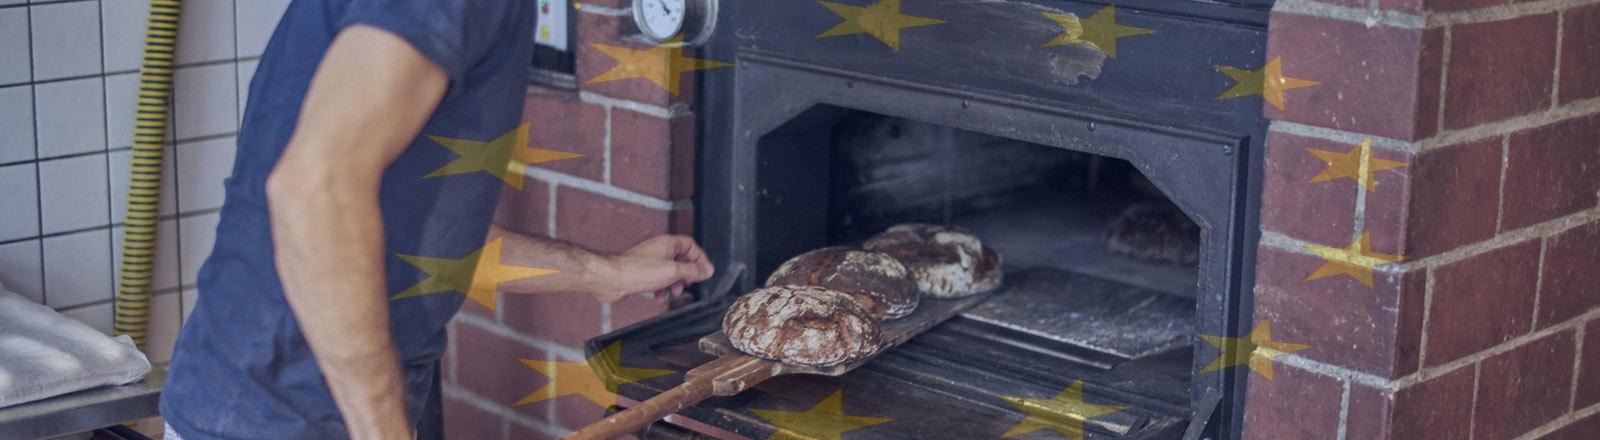 Bäcker schiebt Brot in den Ofen. Hintergrund Europaflagge